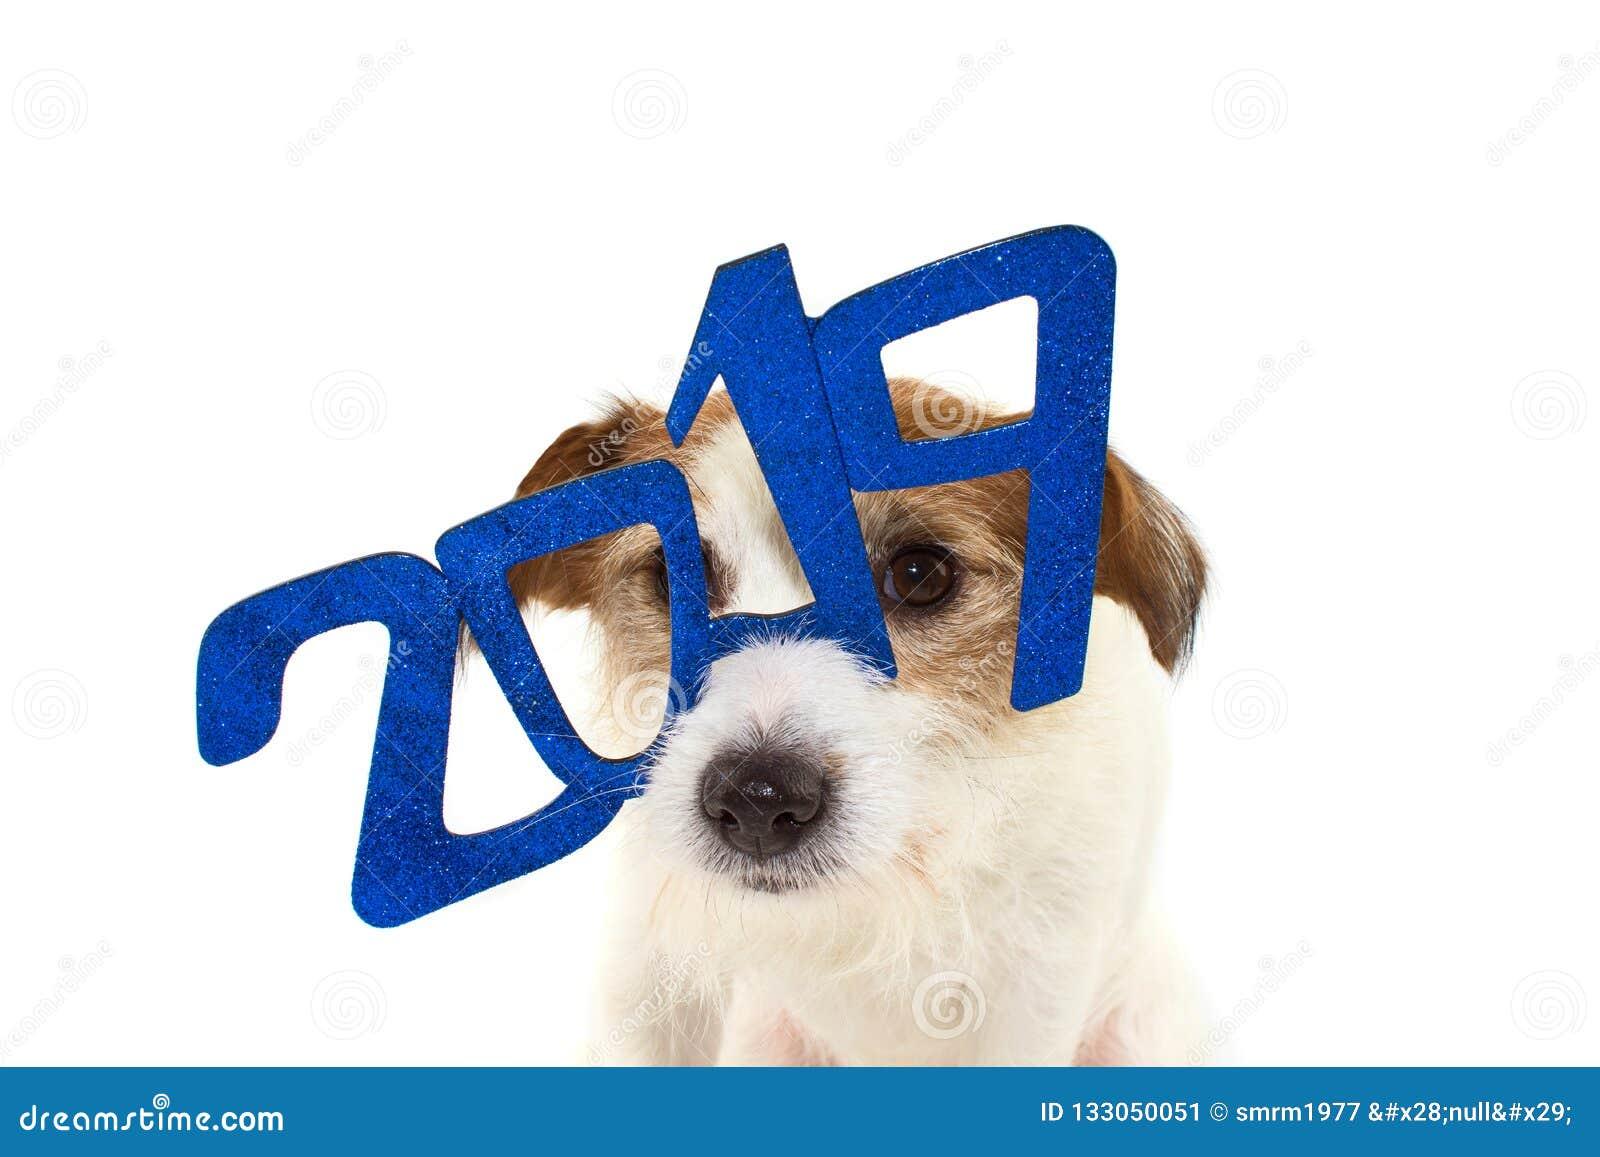 2019 nowy rok ŚMIESZNY JACK RUSSELL pies Z błyskotliwość BŁĘKITNYM tekstem G